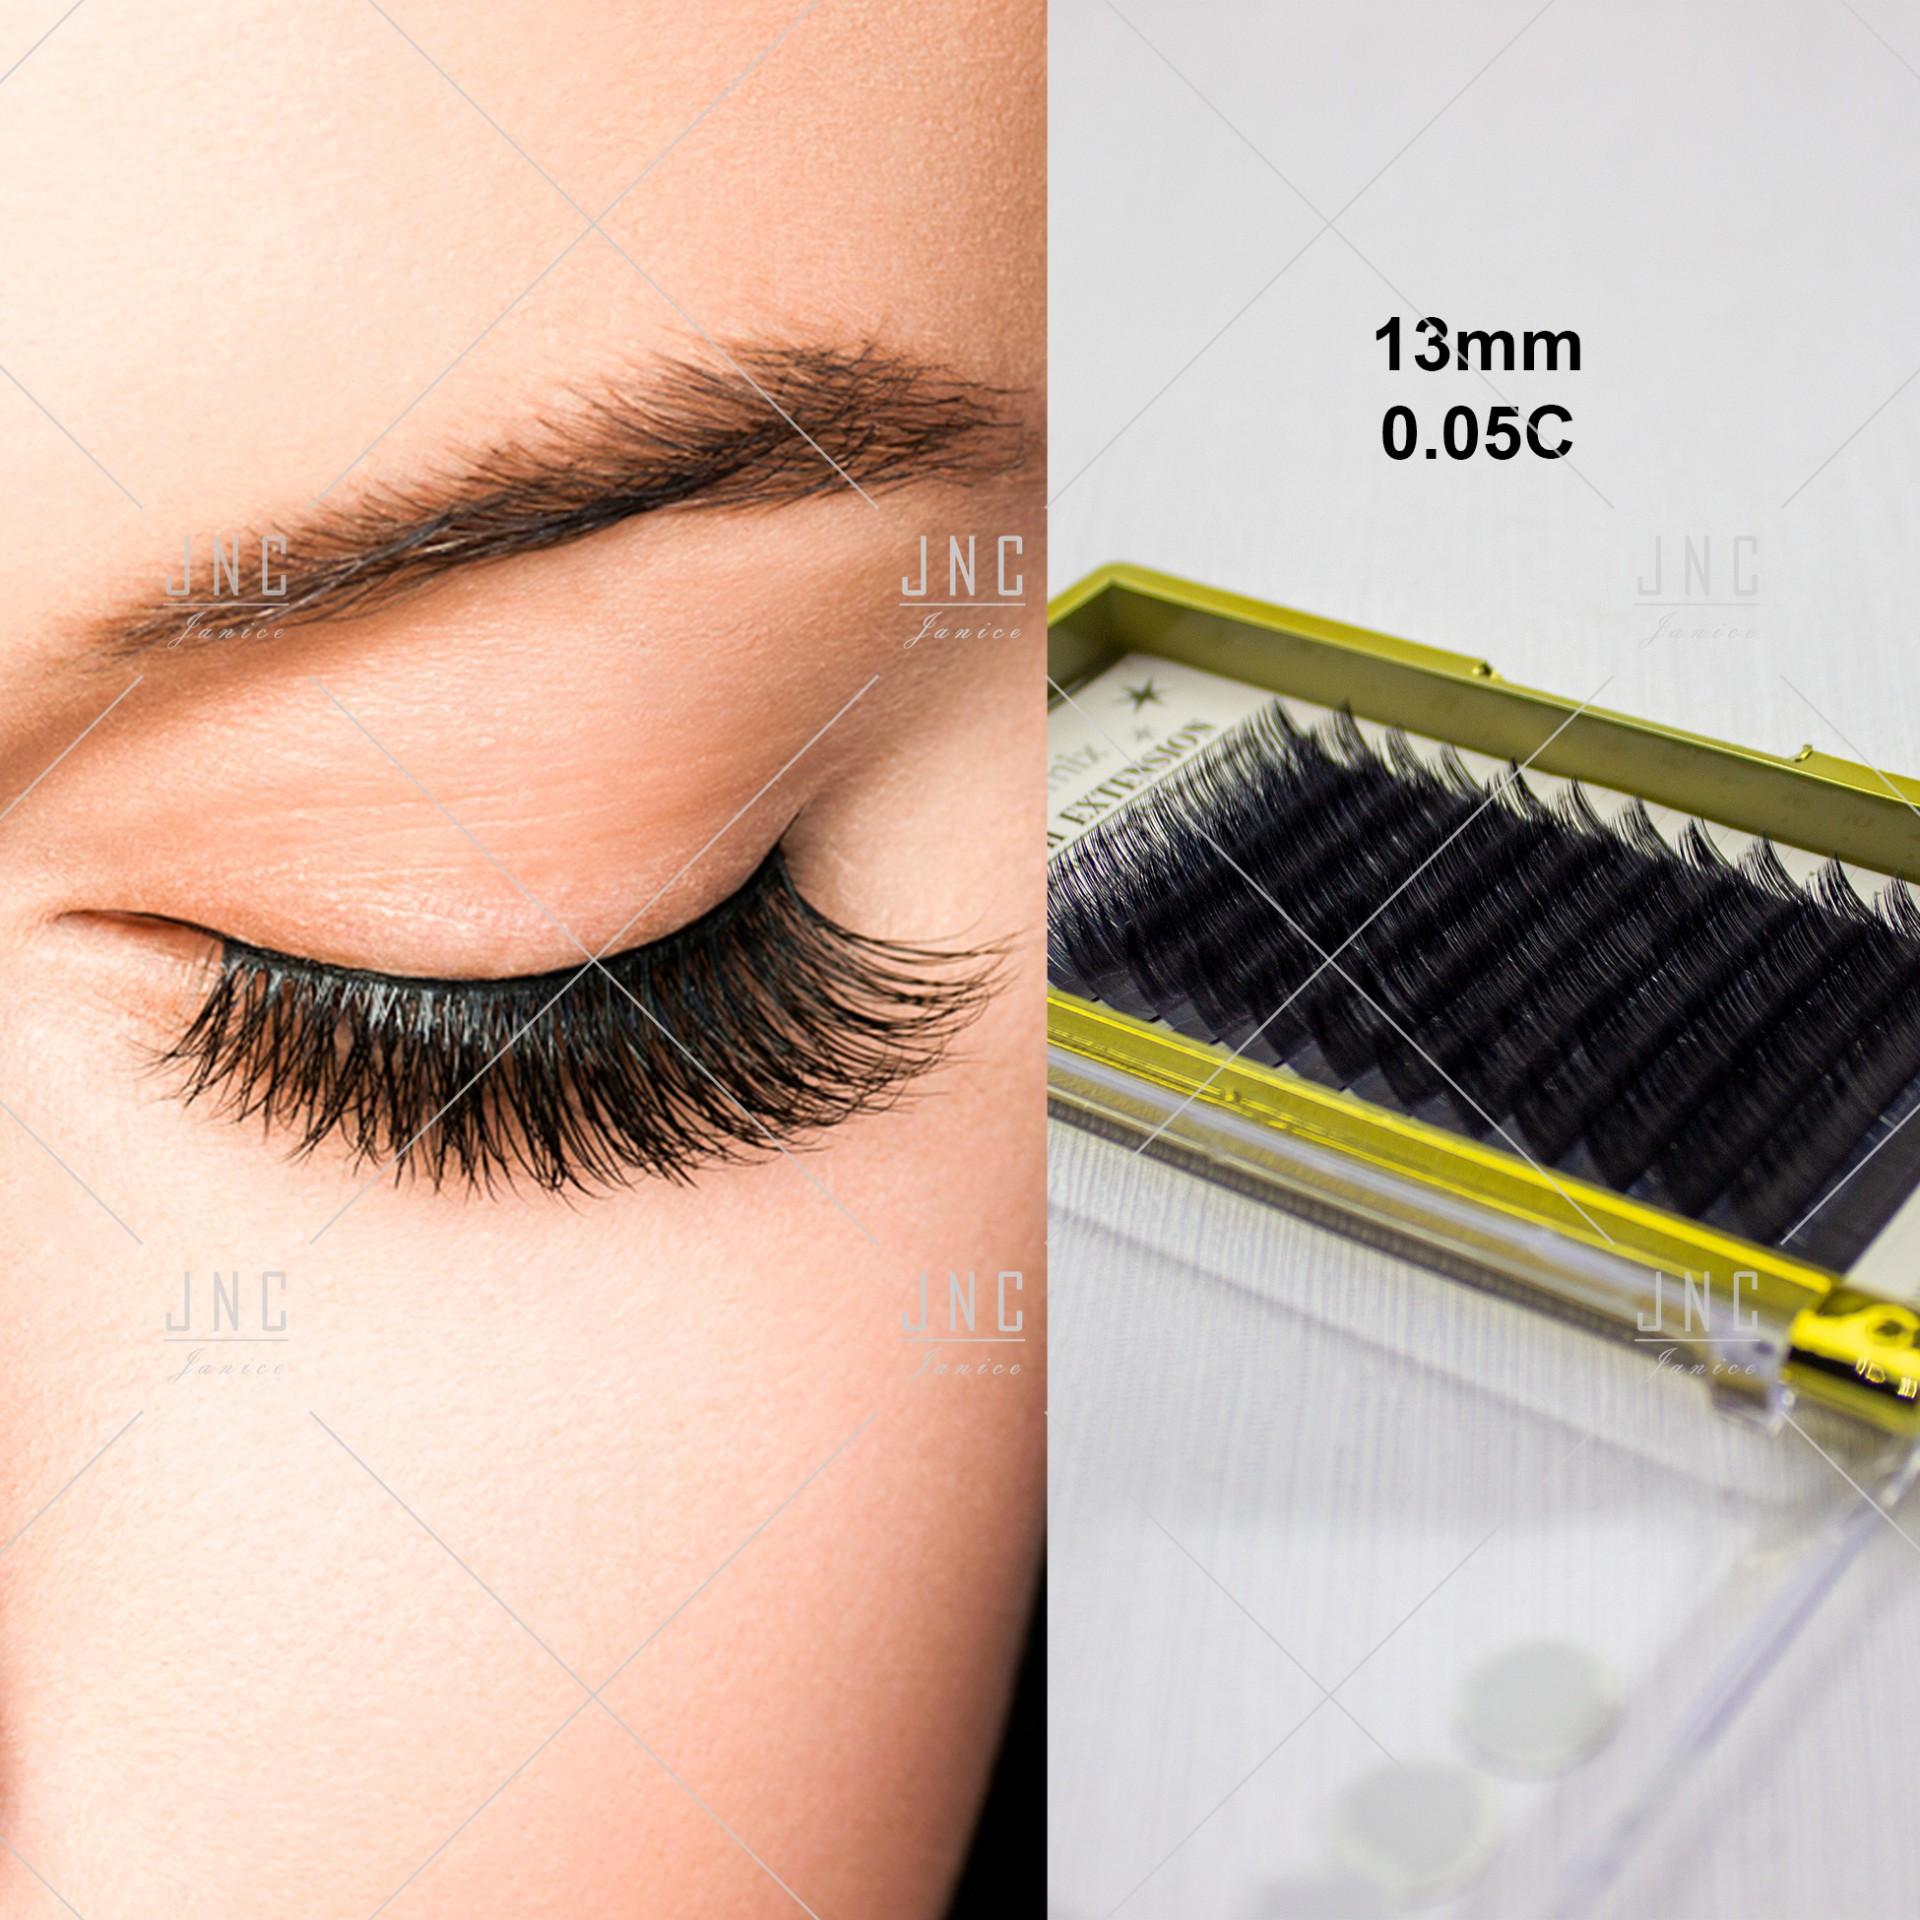 Extensão de Pestanas Eyemix | 0.05C - 13mm | Ref.861807